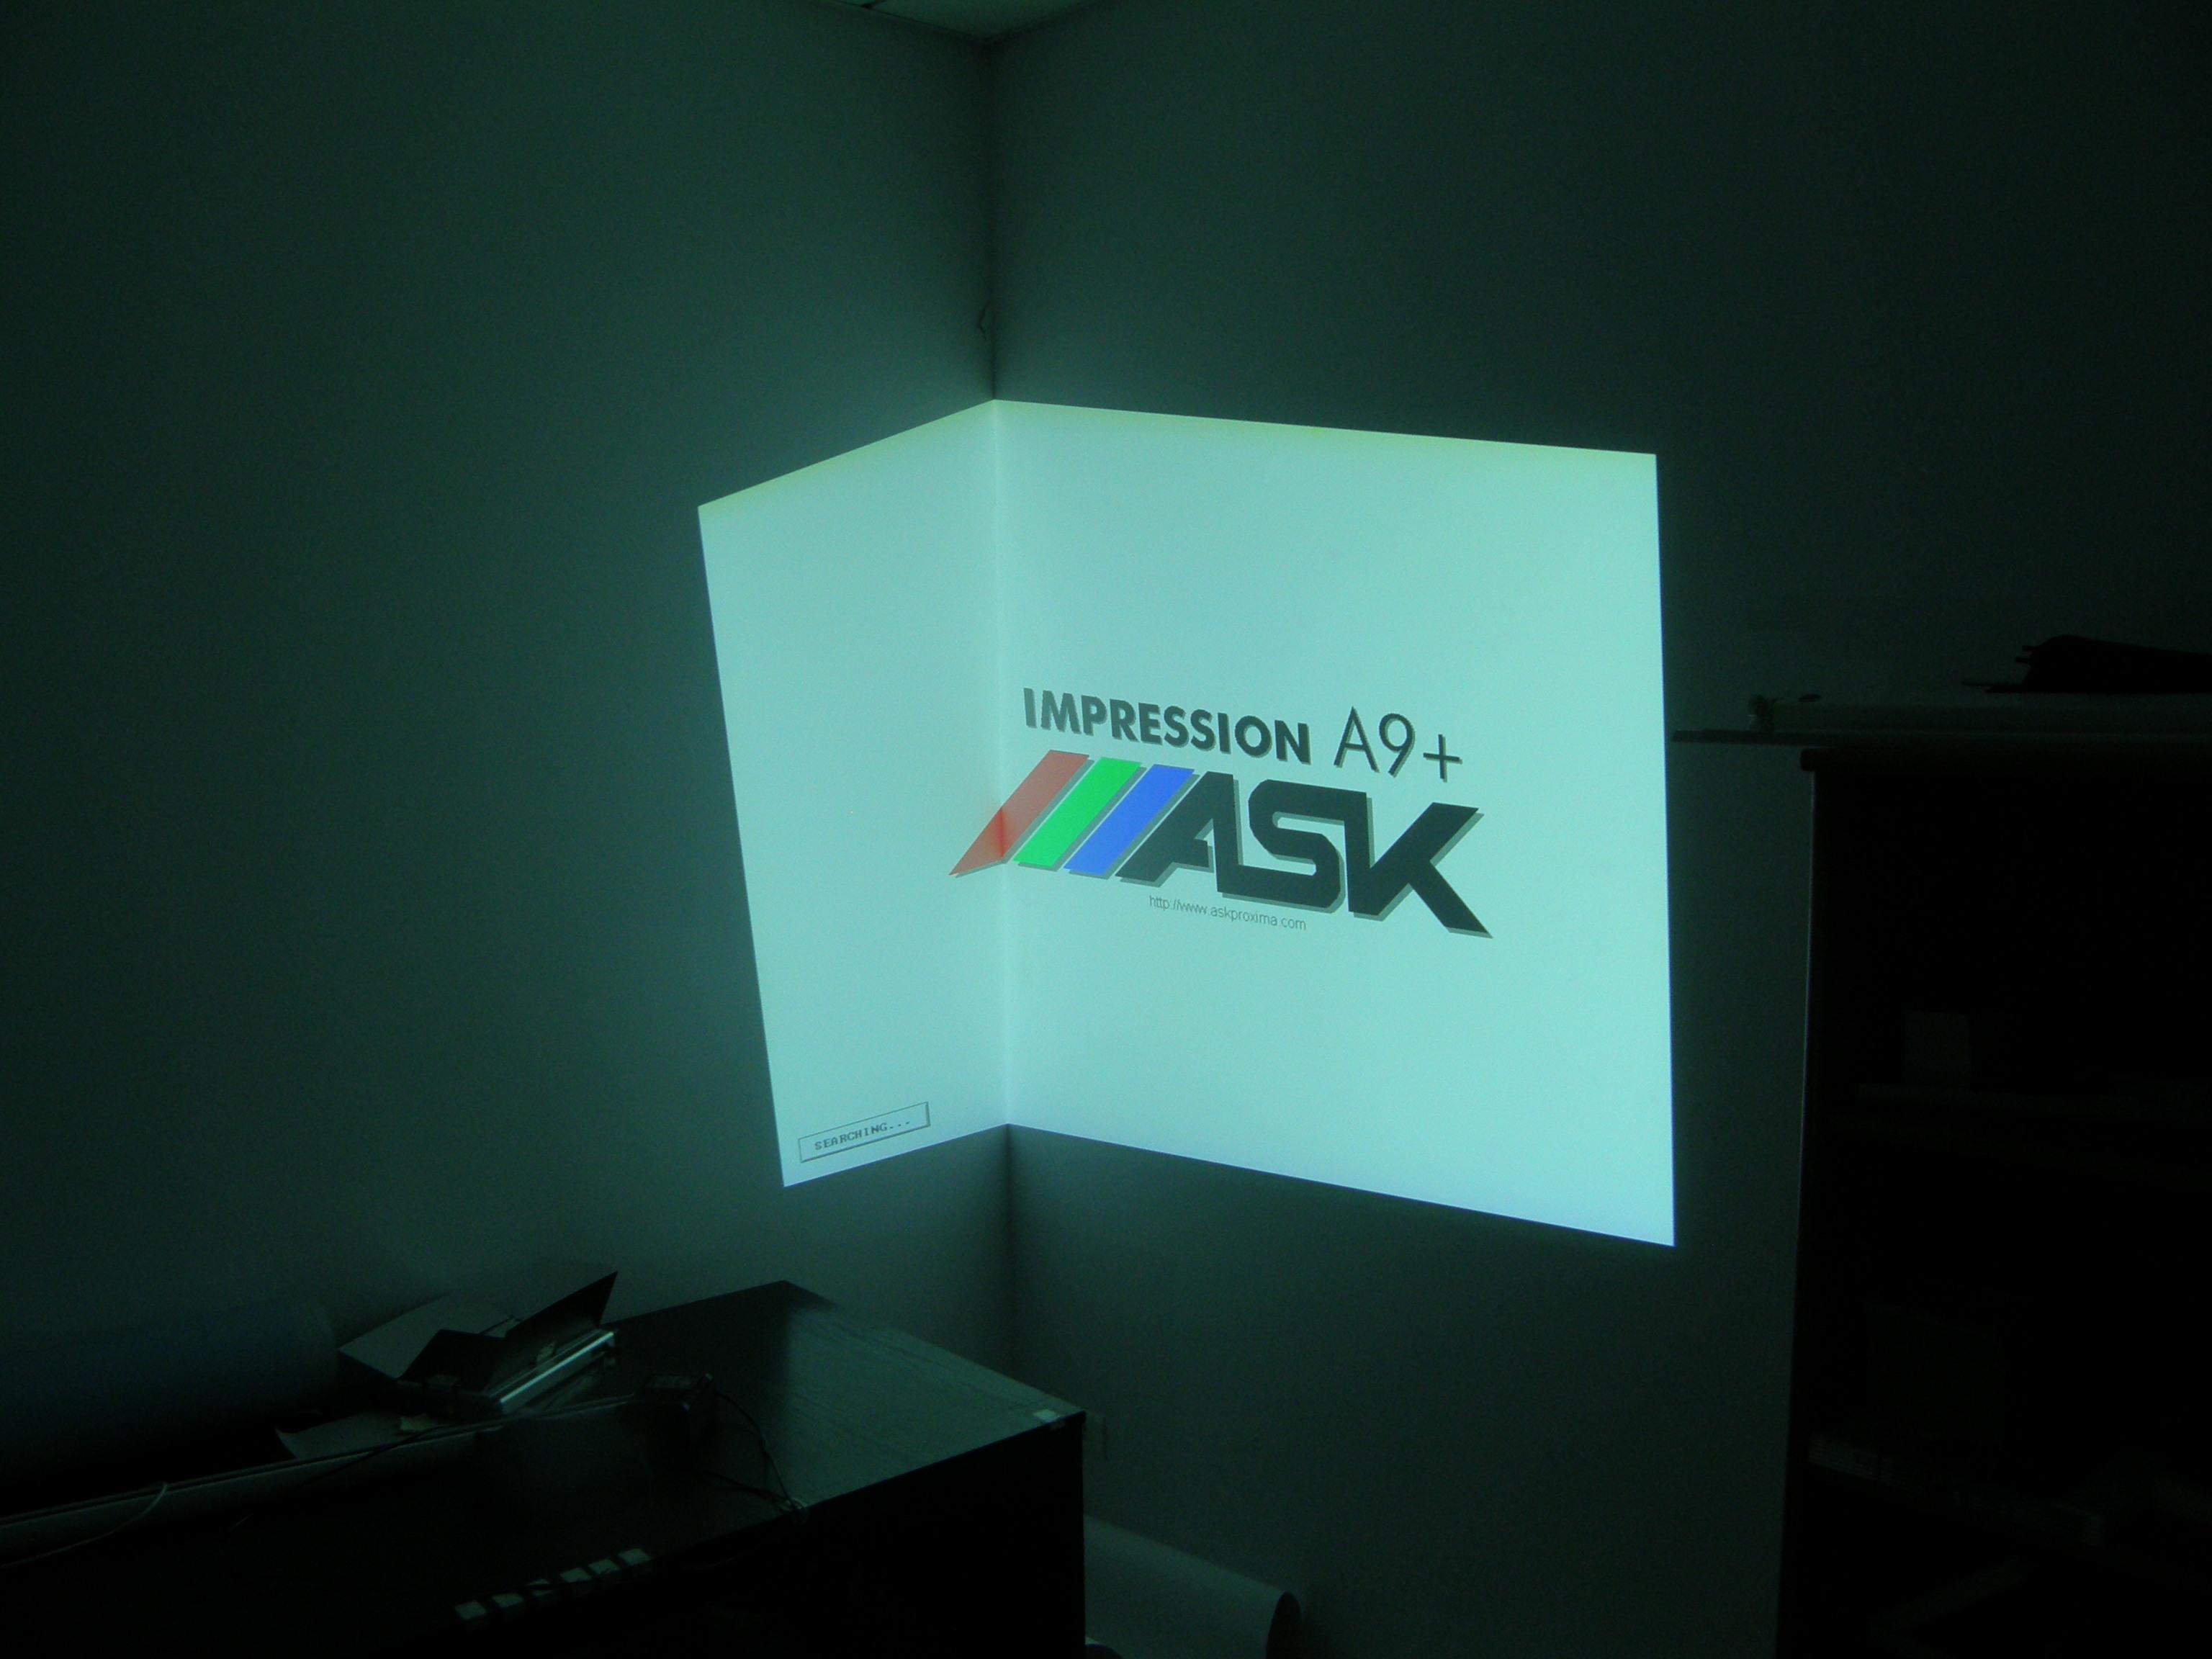 ask impression a9+ - Zak��cony obraz, nie wy�wietla poprawnie zielonego koloru